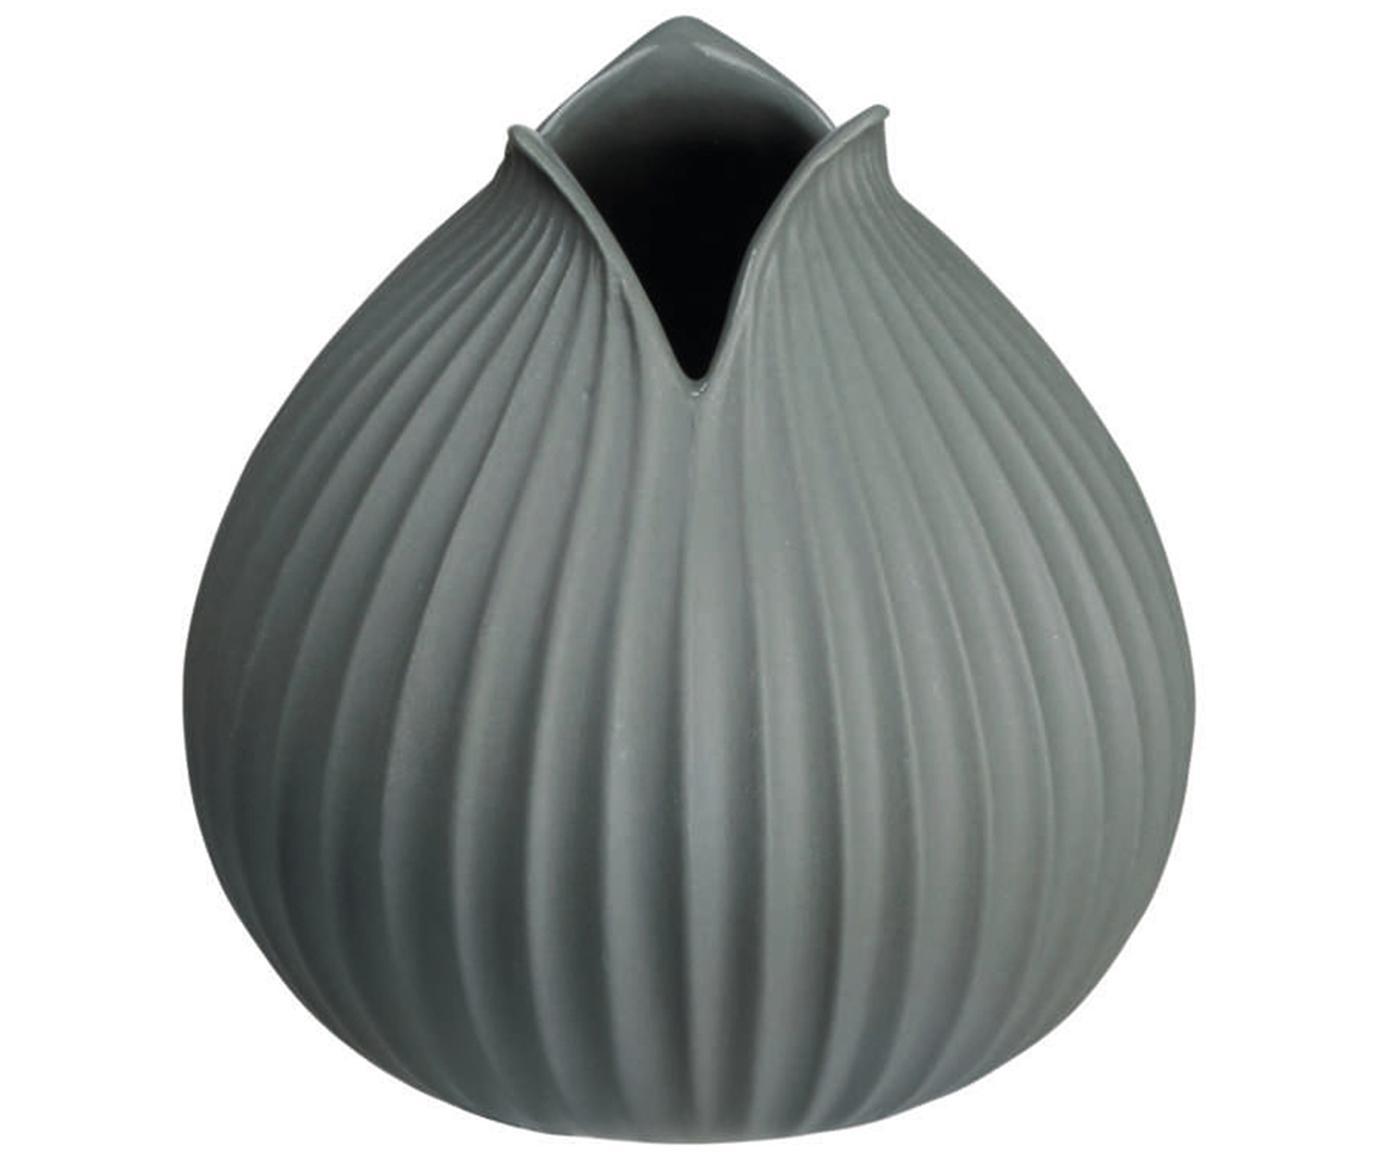 Vaso in porcellana fatto a mano Yoko, Porcellana, Grigio, Ø 10 x Alt. 11 cm